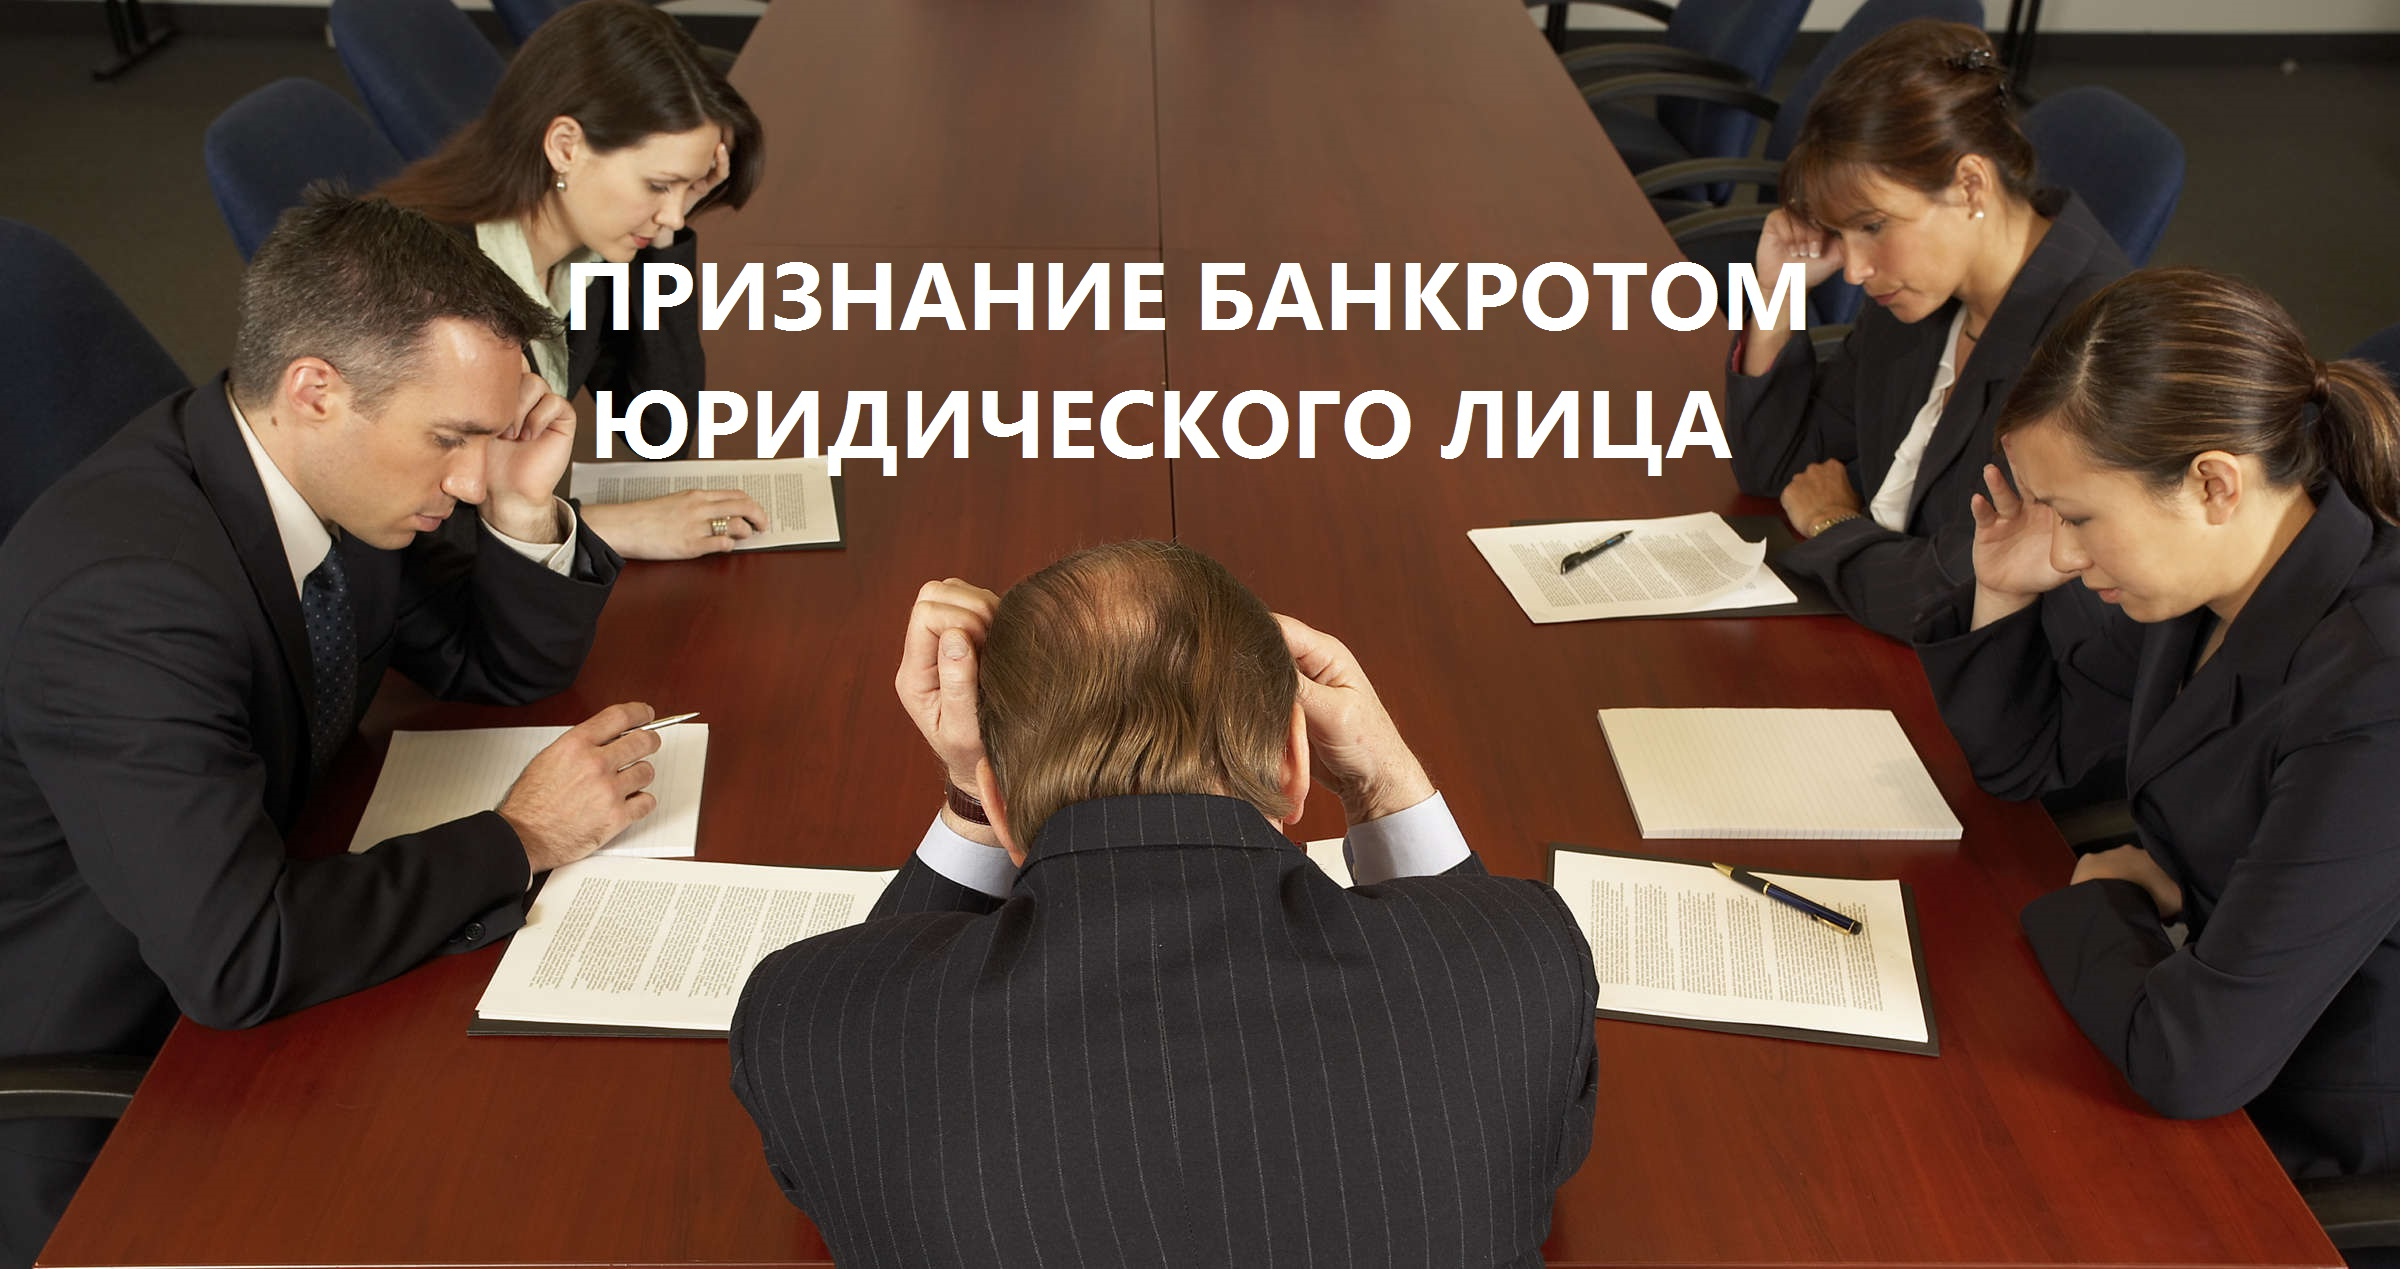 адвокаты по банкротству юридических лиц